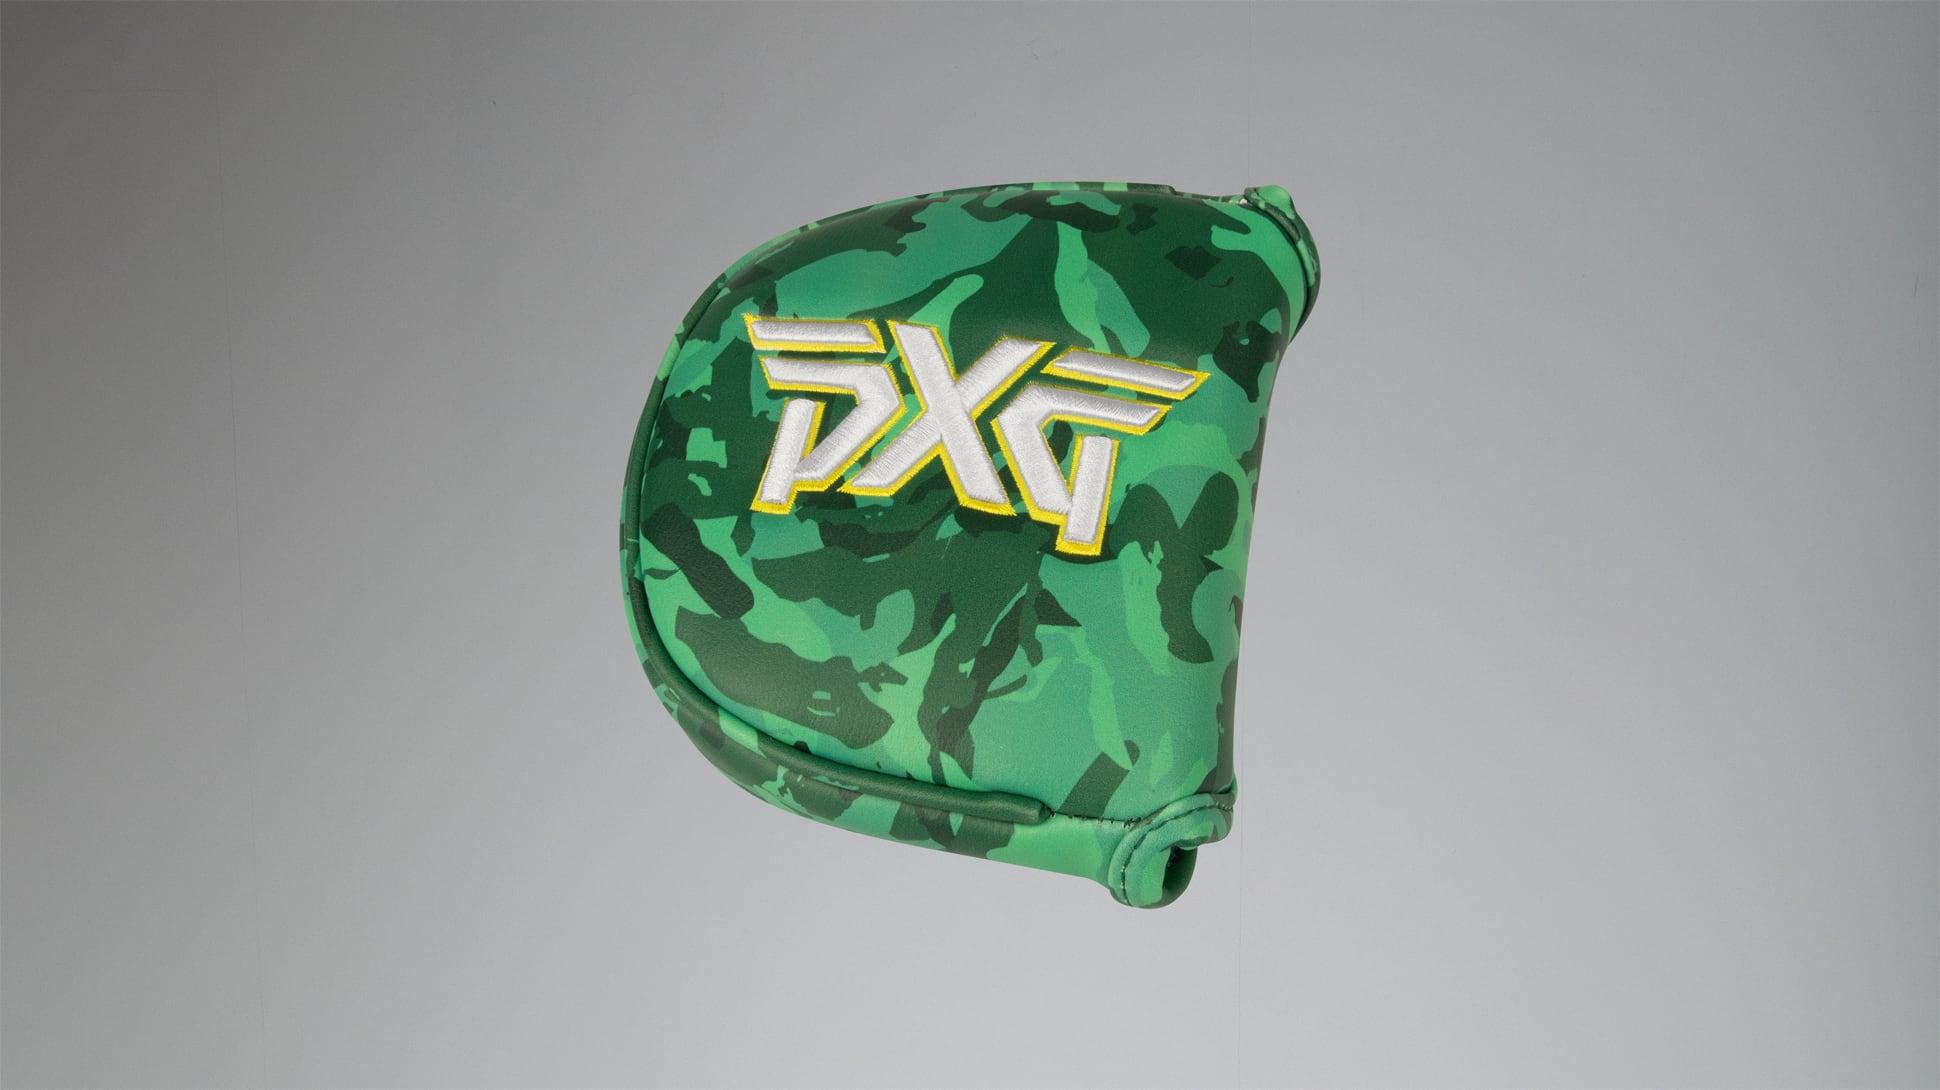 Phoenix Fairway Camo™  Mallet Putter Headcover Image 1